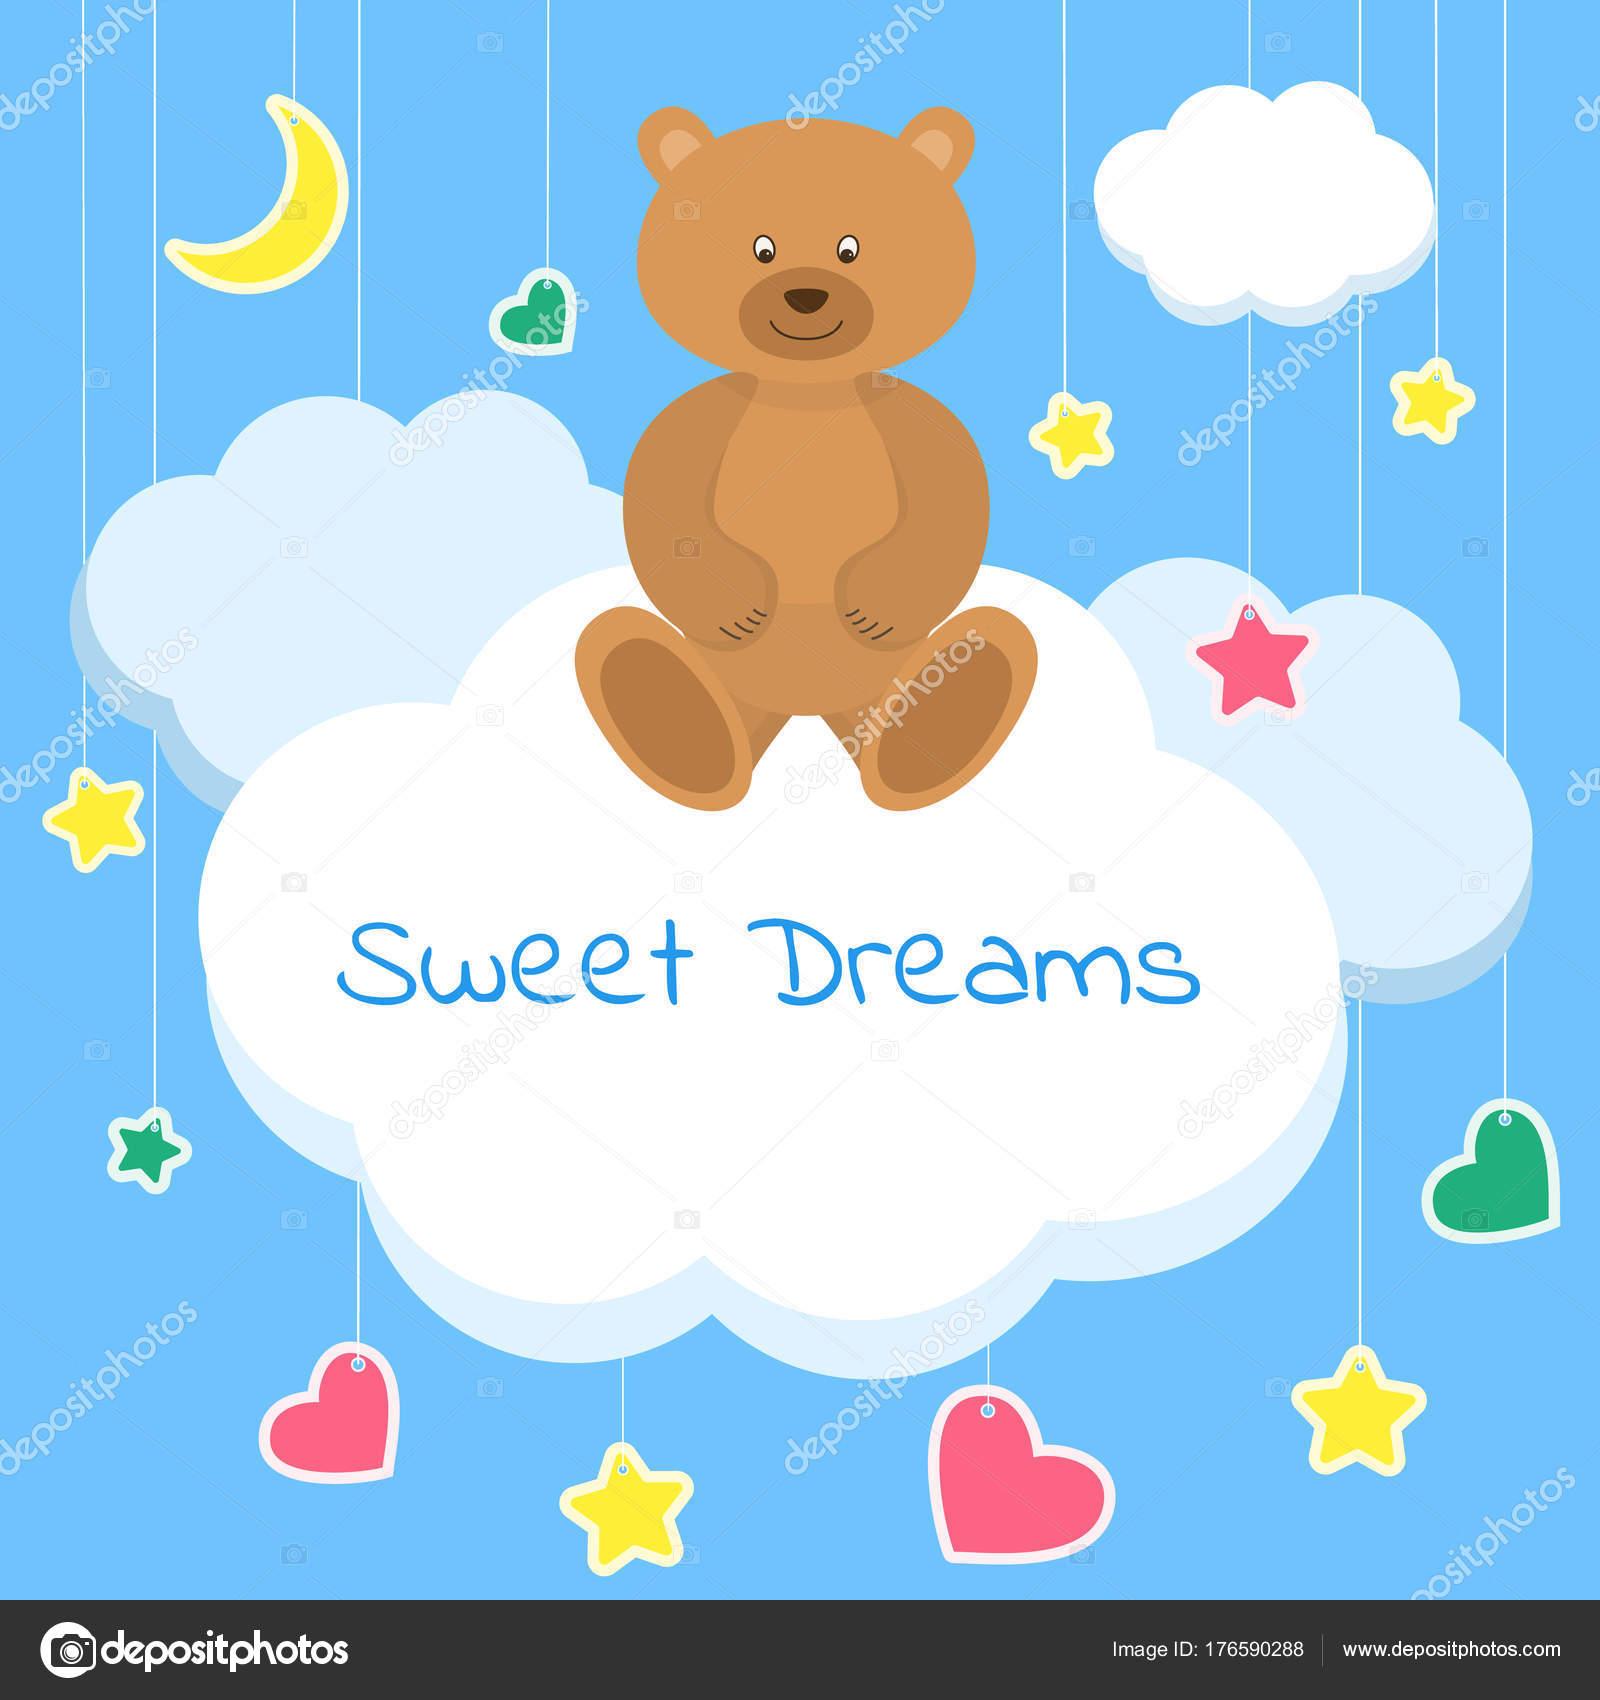 Schöne Poster Für Baby Rooms Oder Schlafzimmer. Kinder Hintergrund Mit Mond  Sterne Cartoon Blaue Und Weiße Wolken U2014 Vektor Von Lubahk90@gmail.com